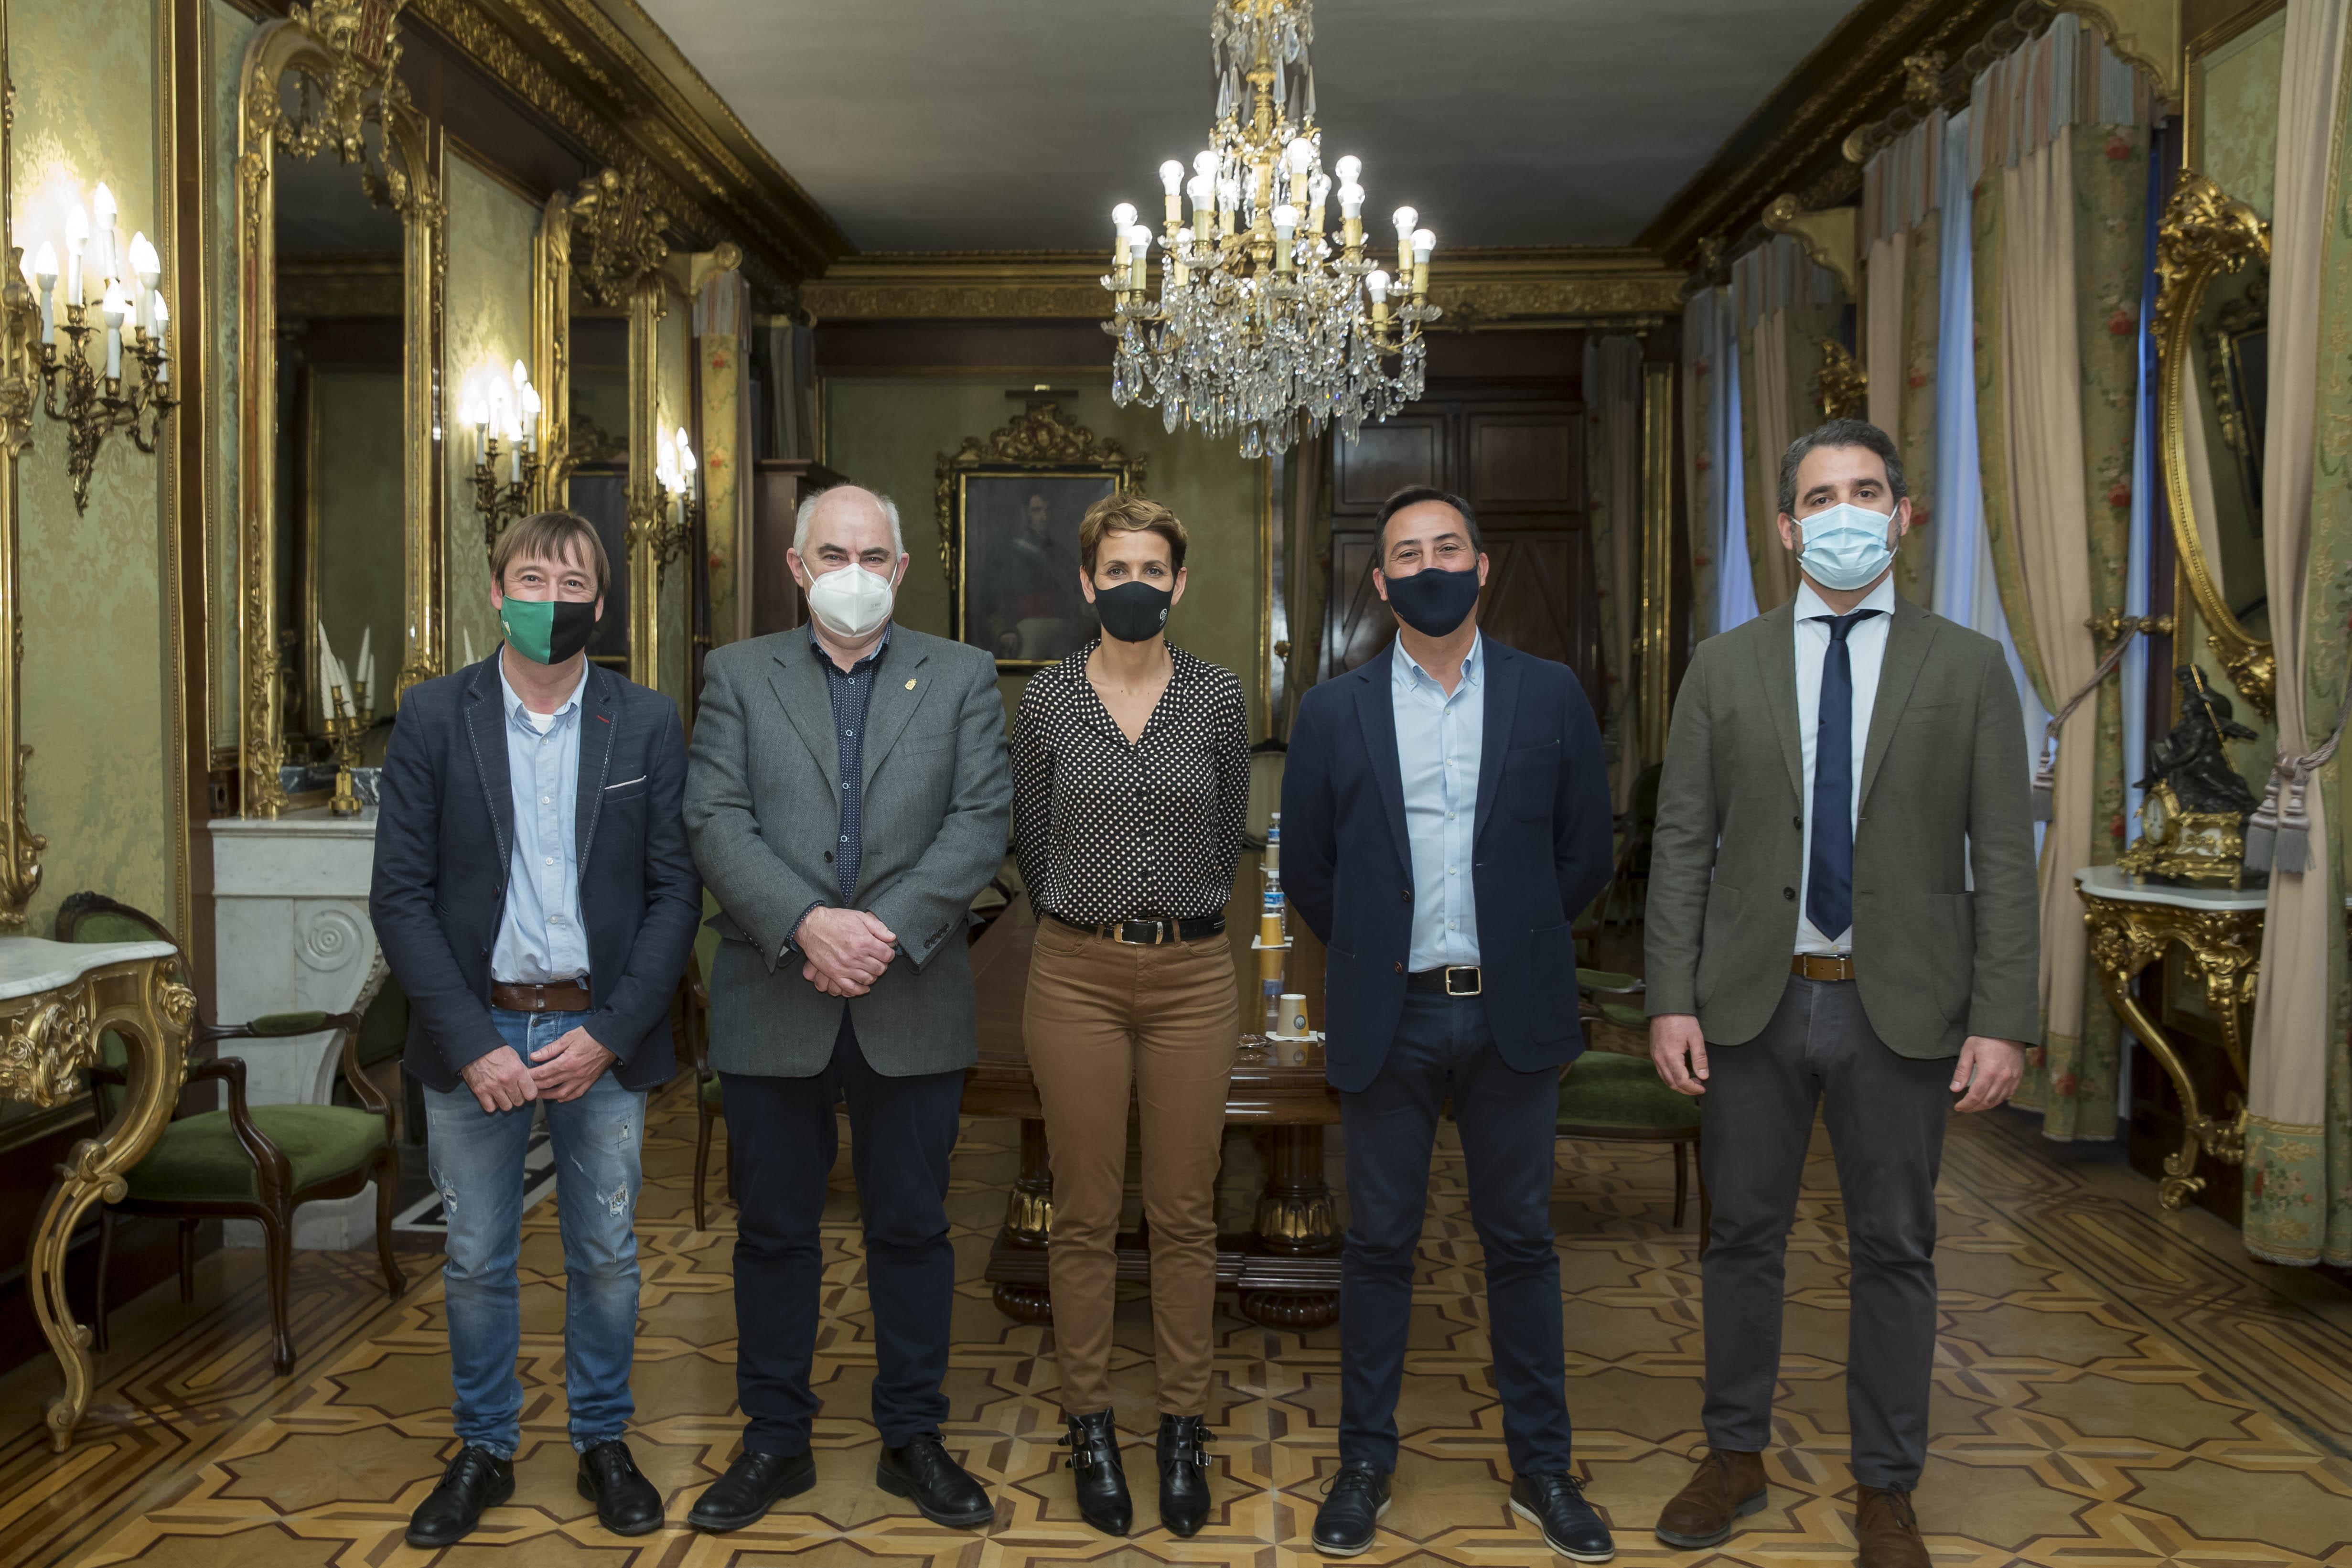 De izquierda a derecha: Koldo Monreal, el vicepresidente José María Aierdi, la Presidenta del Gobierno de Navarra María Chivite, Manuel Medina yMiguel Rodríguez del Consorcio Passivhaus.